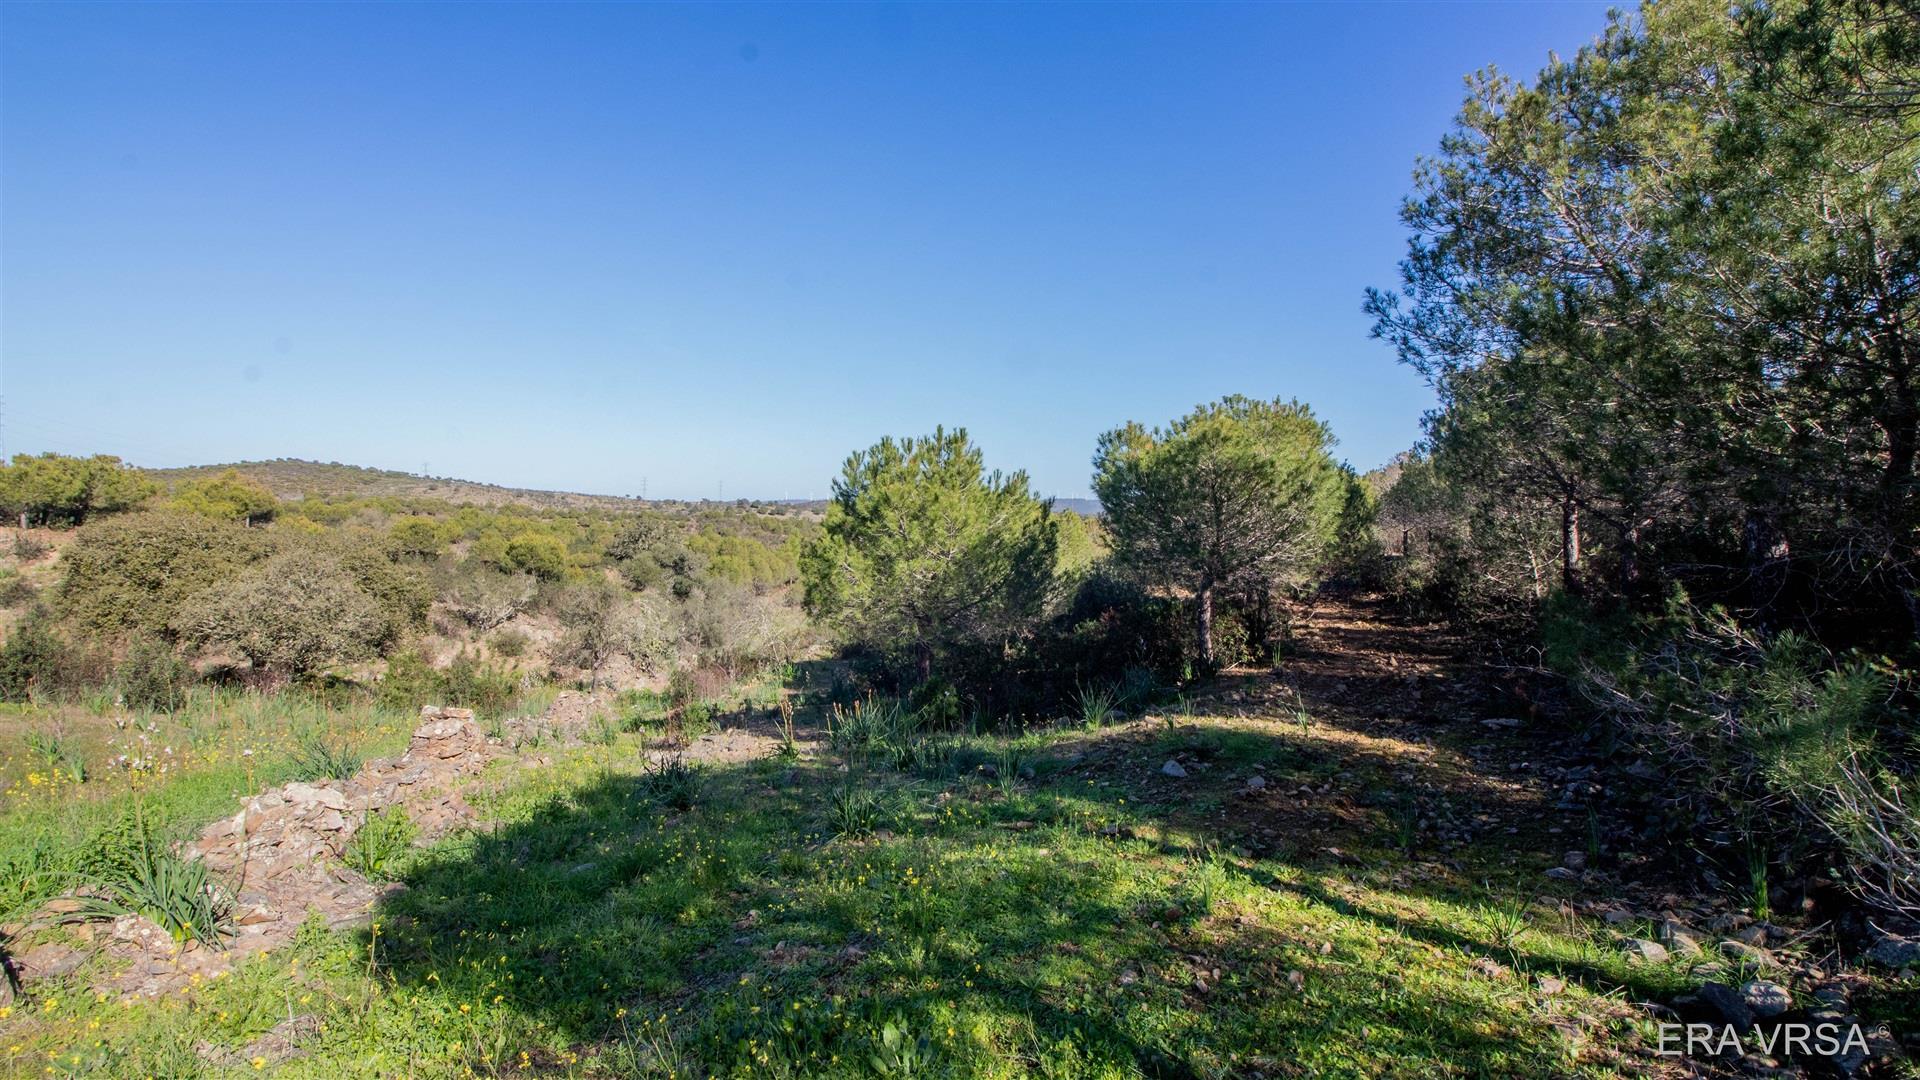 Terreno Rústico para comprar - Algarve, , Alcoutim